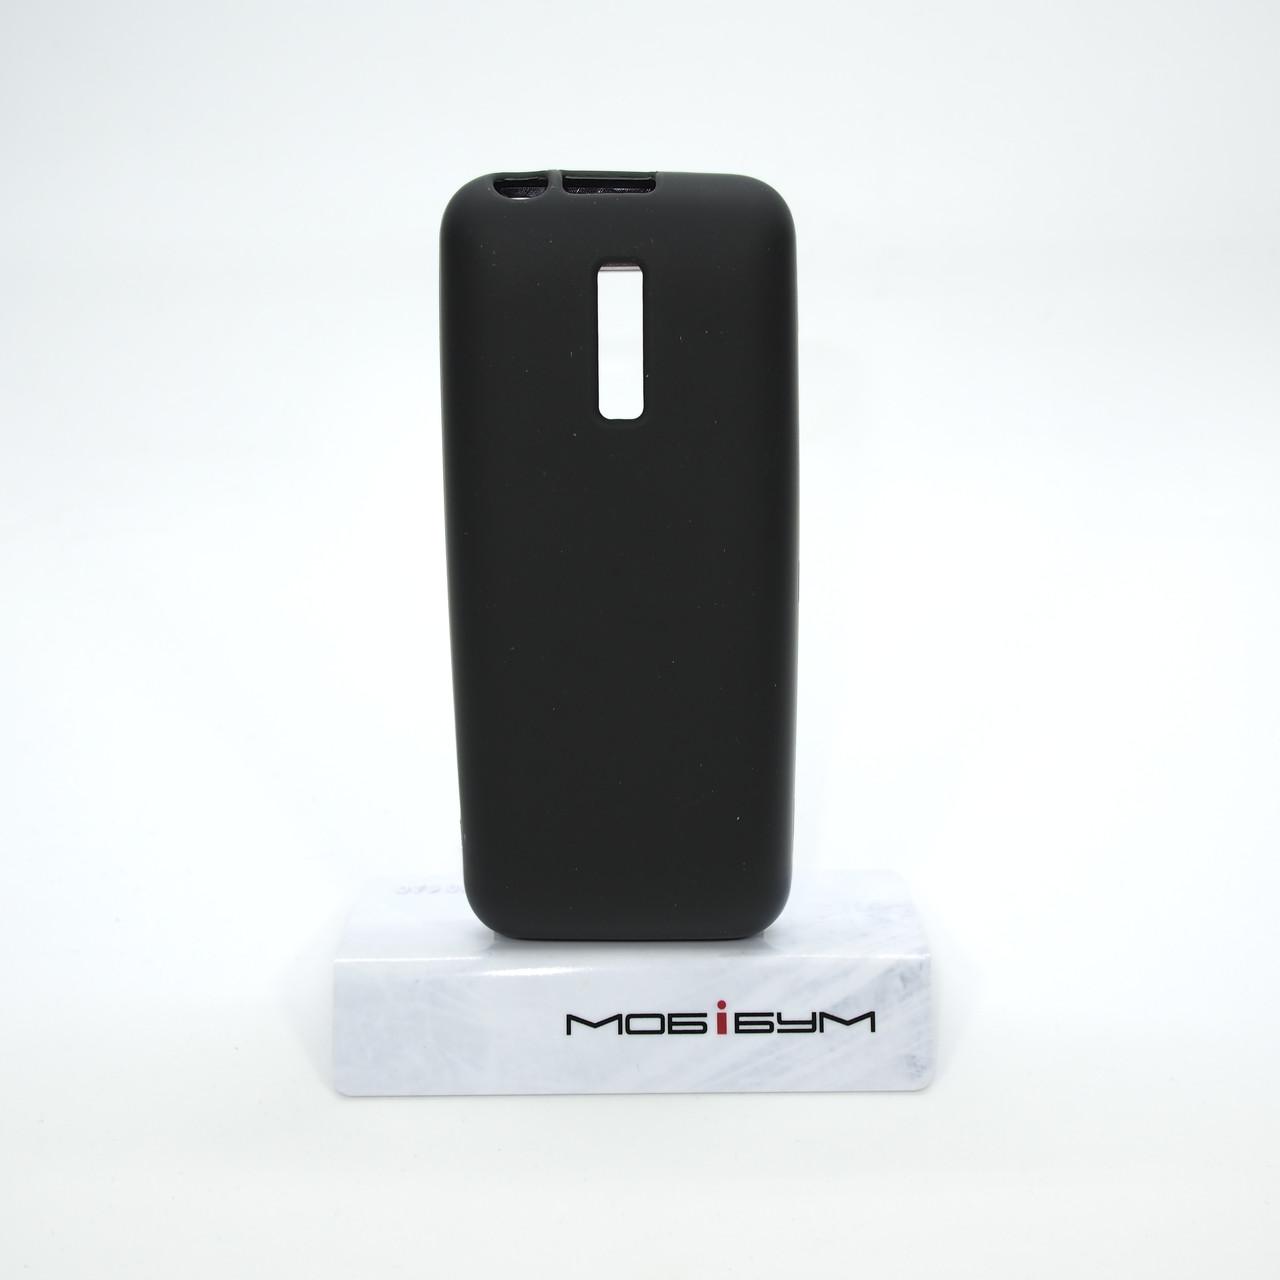 Чехол Silicon Nokia 130 black